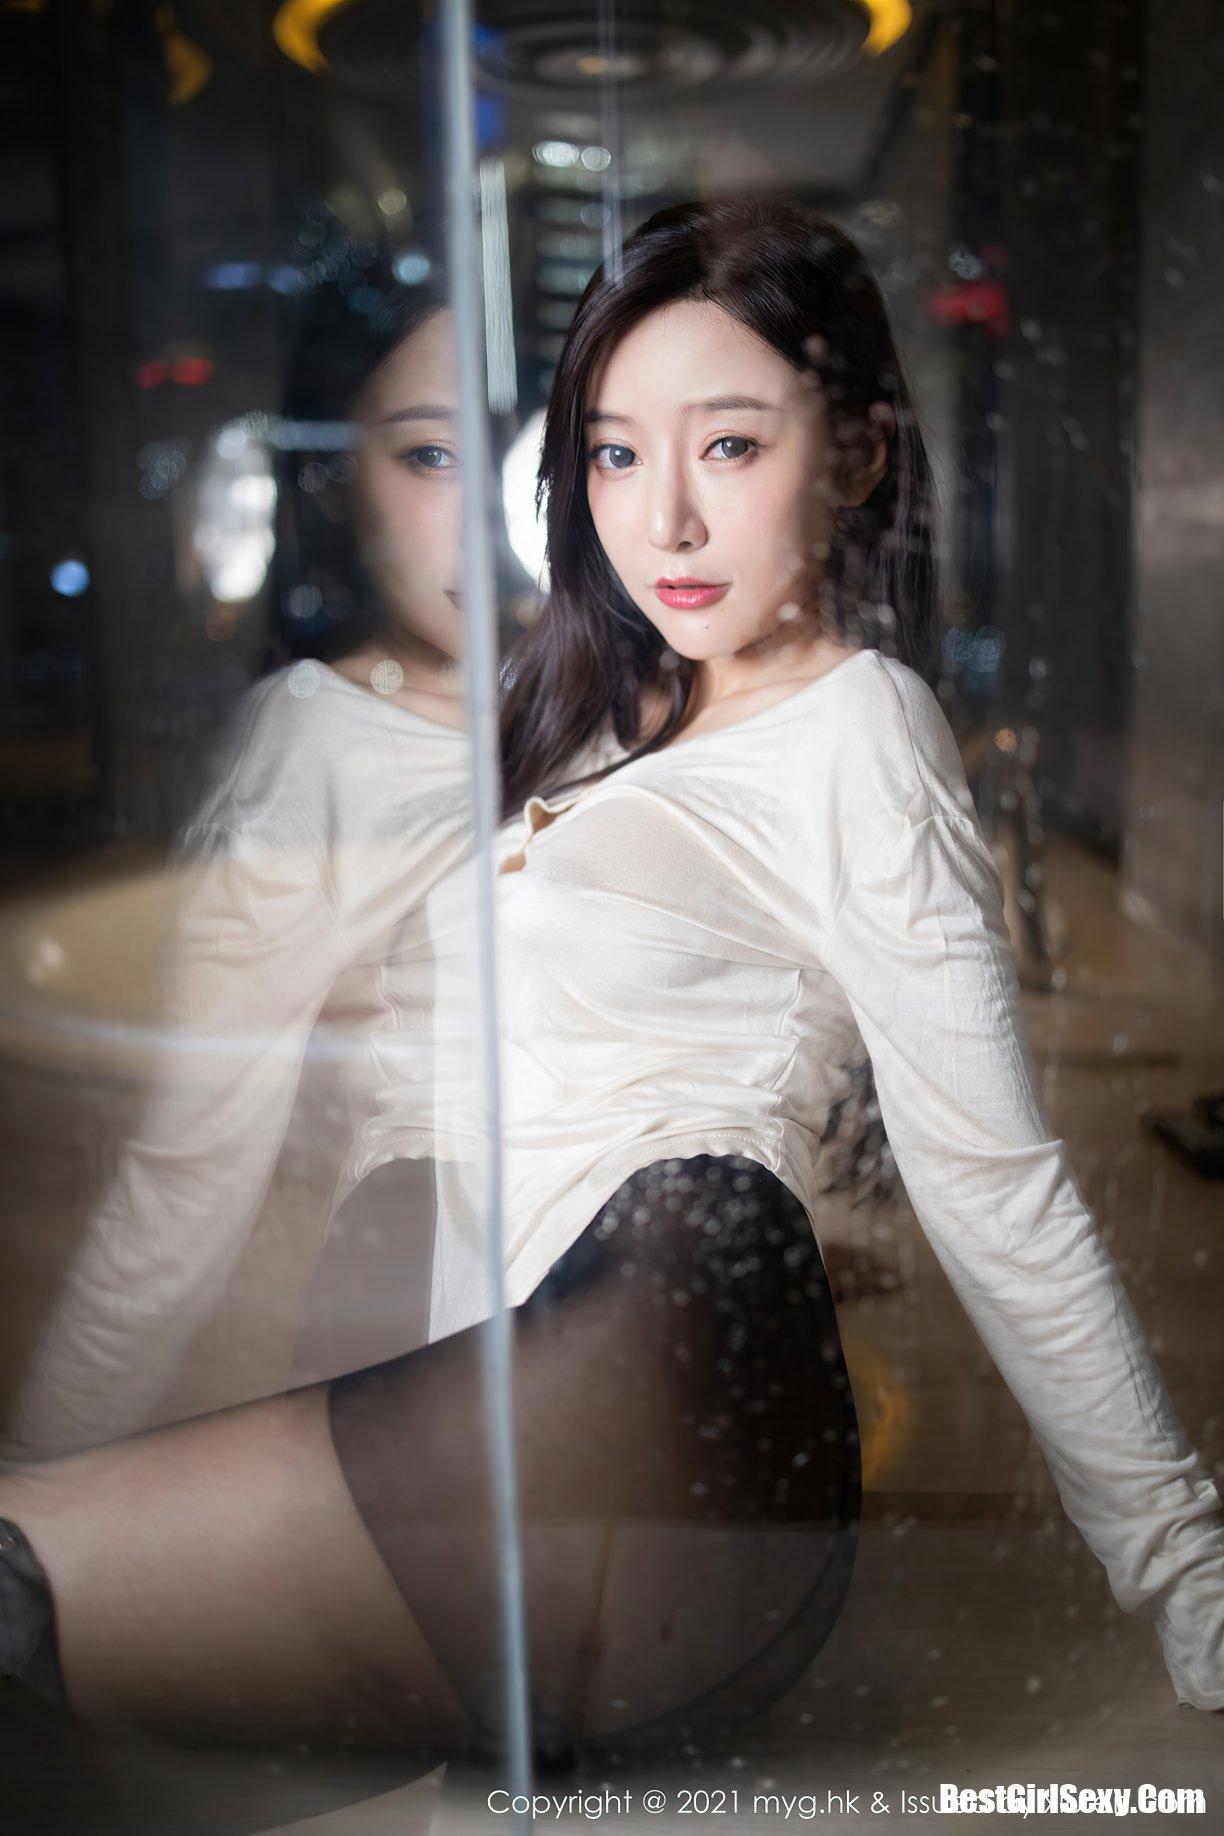 王馨瑶yanni, Wang Xin Yao, MyGirl美媛馆 Vol.555 Wang Xin Yao, MyGirl美媛馆 Vol.555